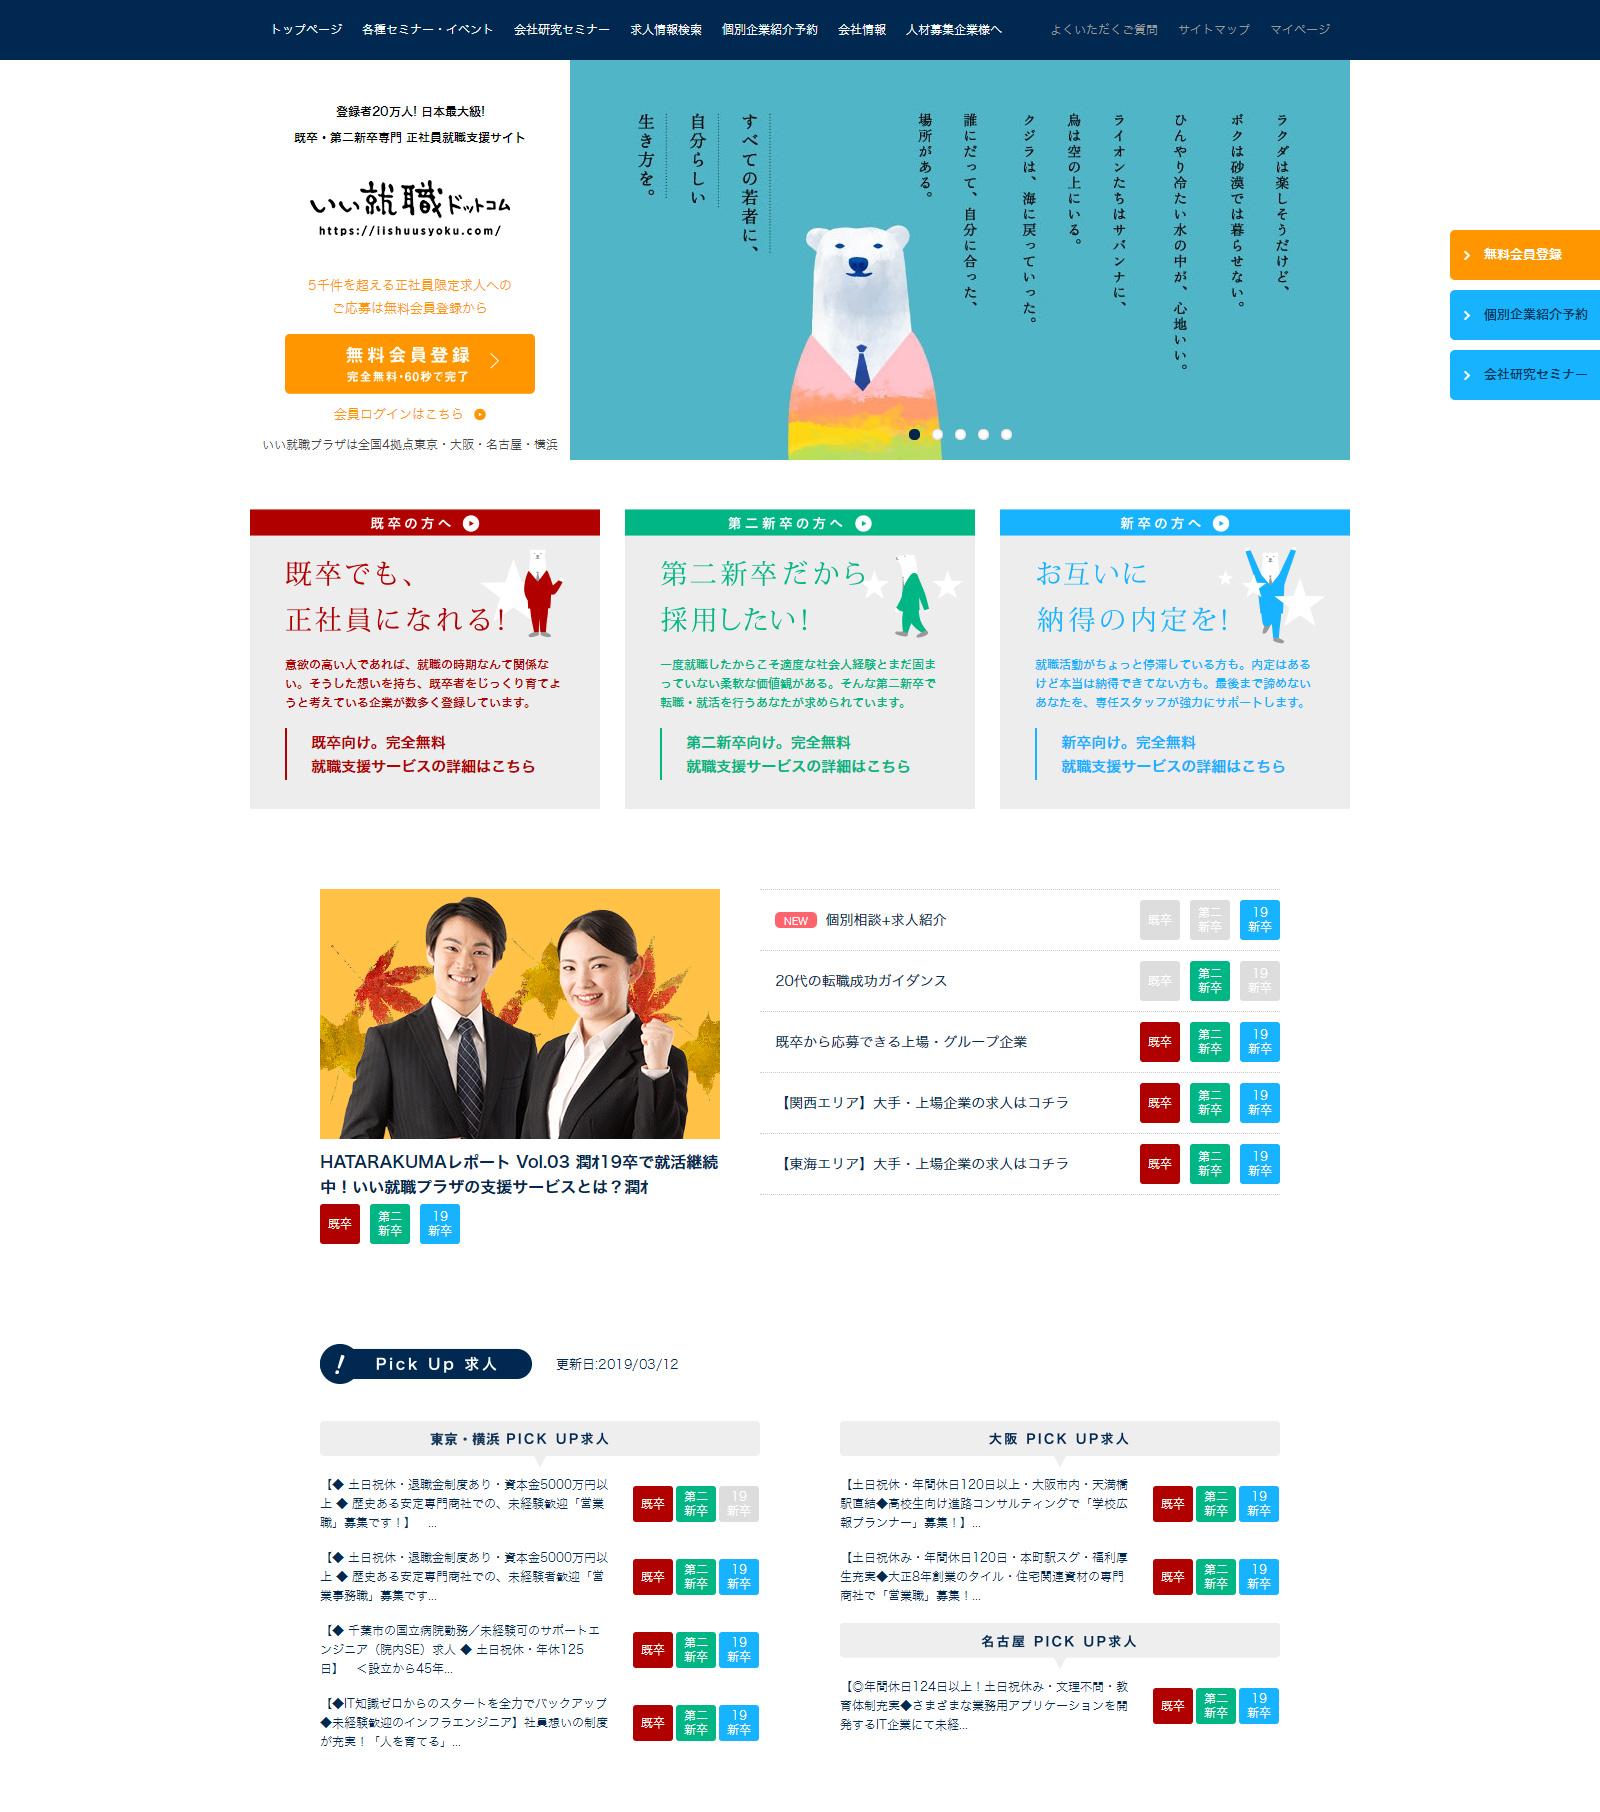 ブラッシュアップジャパン いい就職.com